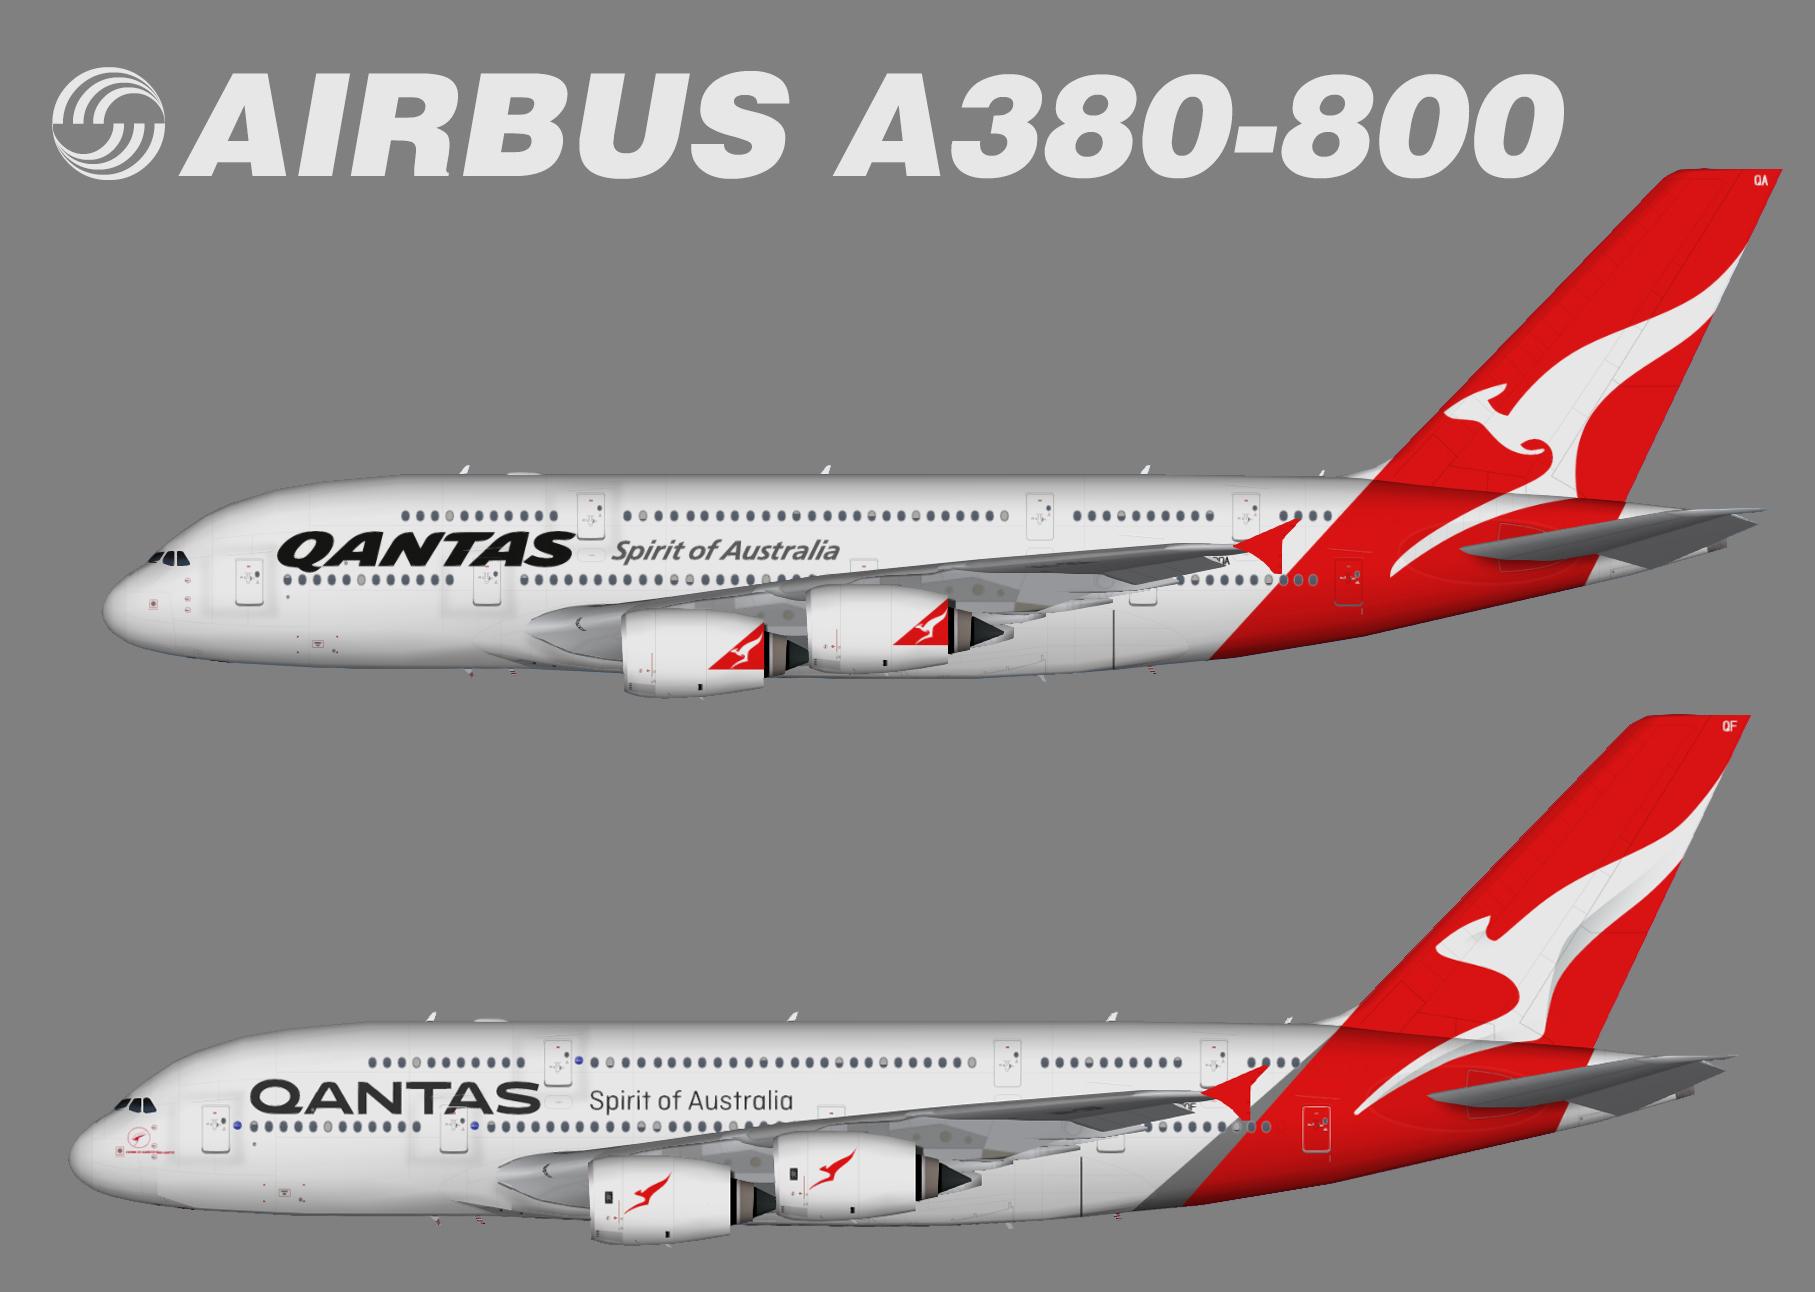 Qantas Airways Airbus A380-800